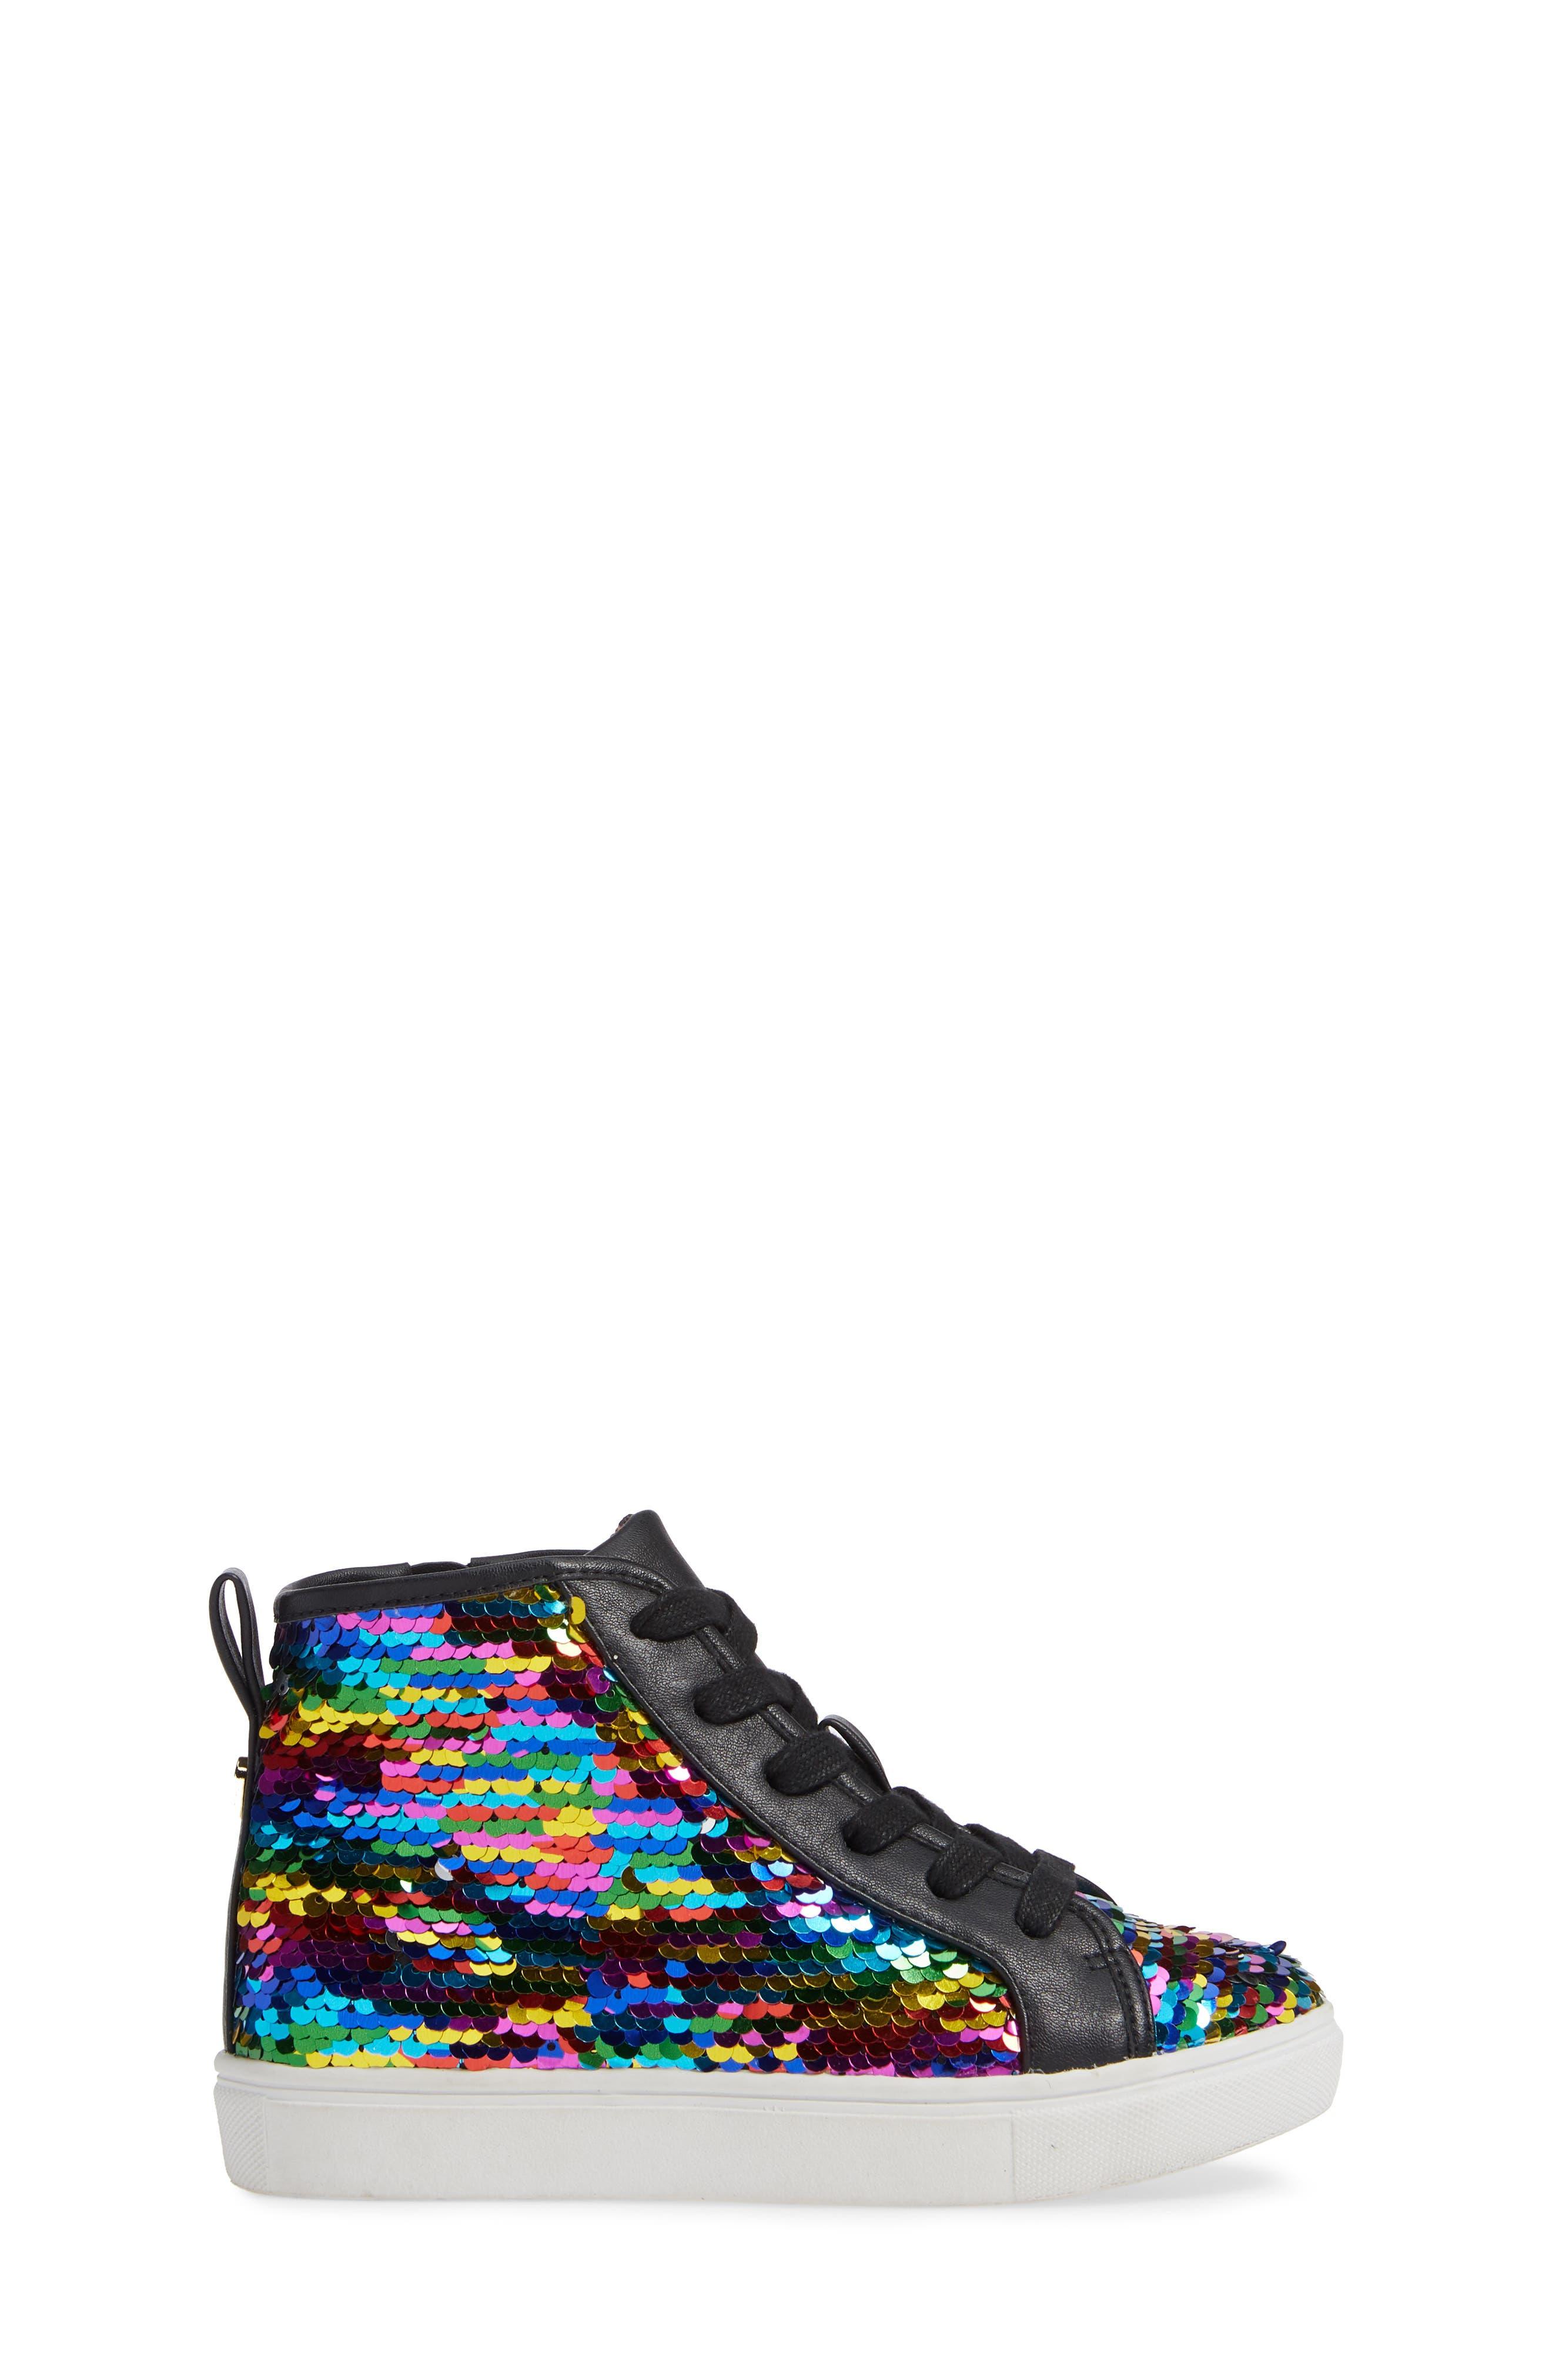 STEVE MADDEN, JSEEKER Sneaker, Alternate thumbnail 3, color, MULTI